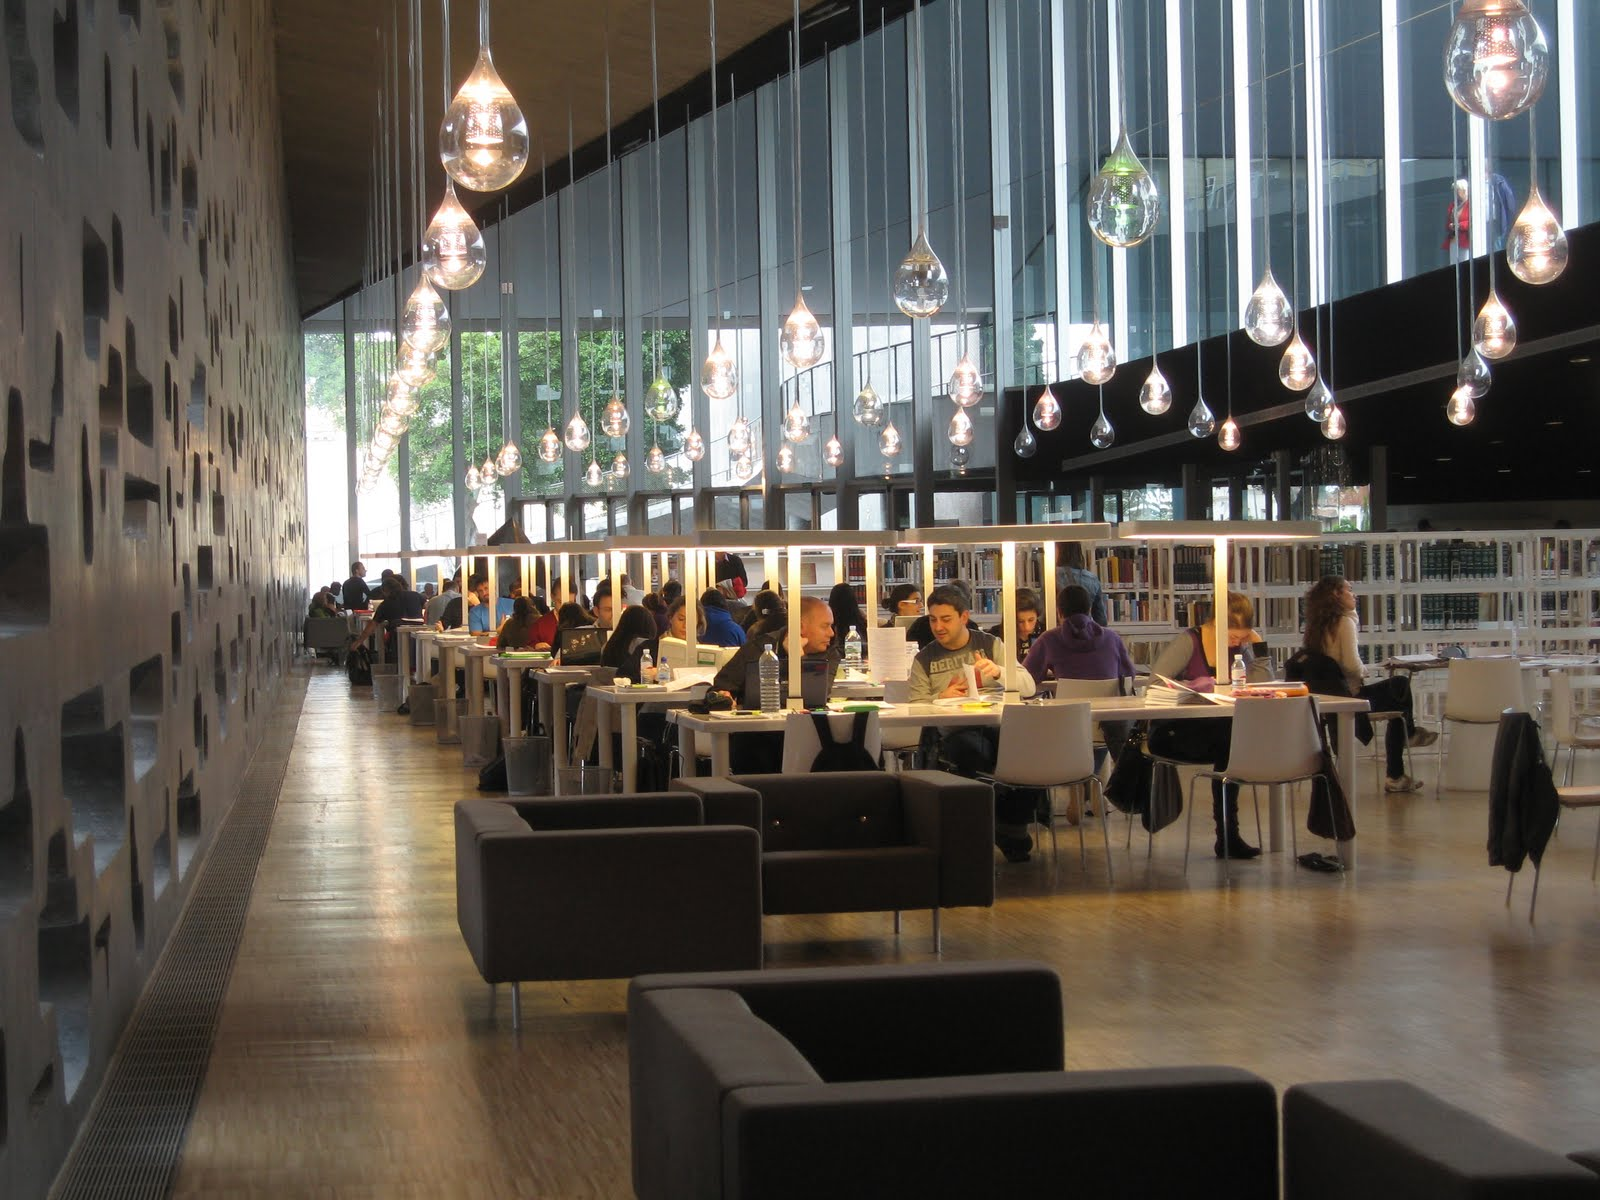 Detalle de la sala de la Biblioteca Municipal Central, en el TEA-Tenerife Espacio de las Artes.